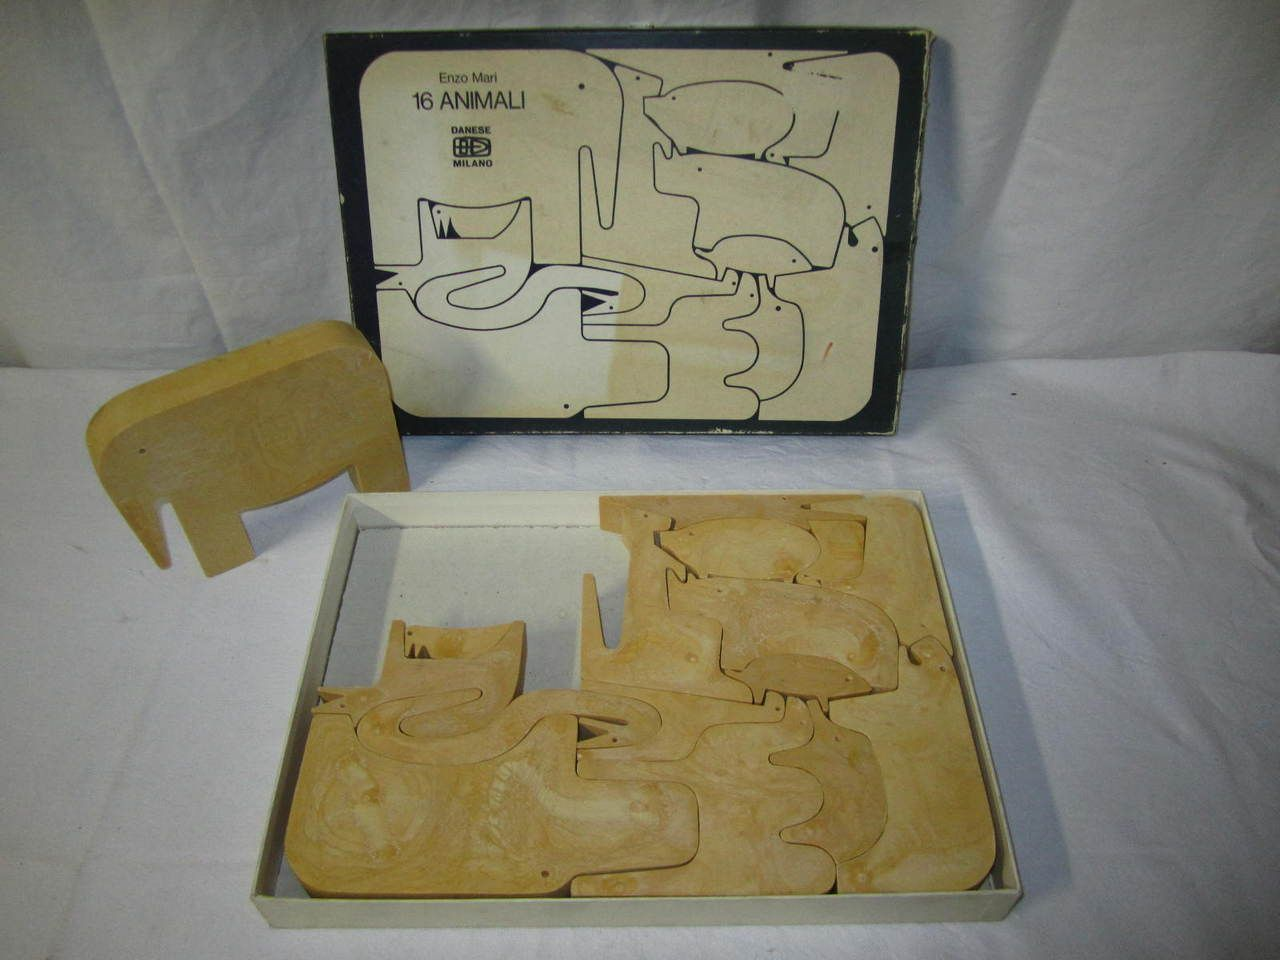 Les jeux d'Enzo Mari proposent aux enfants de construire eux-mêmes leurs règles. « Il faut donner aux enfants, dit-il, non pas des jeux, mais des structures de jeux. » Pour cela, il simplifie leurs formes à l'extrême, condamnant fermement l'avalanche de jouets inutiles qui encombrent les chambres des enfants. Pour leur bibliothèque, il imagine dès 1958 des albums comme La Pomme et le Papillon ou L'Oeuf et la Poule en collaboration avec Gabriela Ferrario (Iela Mari). Publiés en France au…